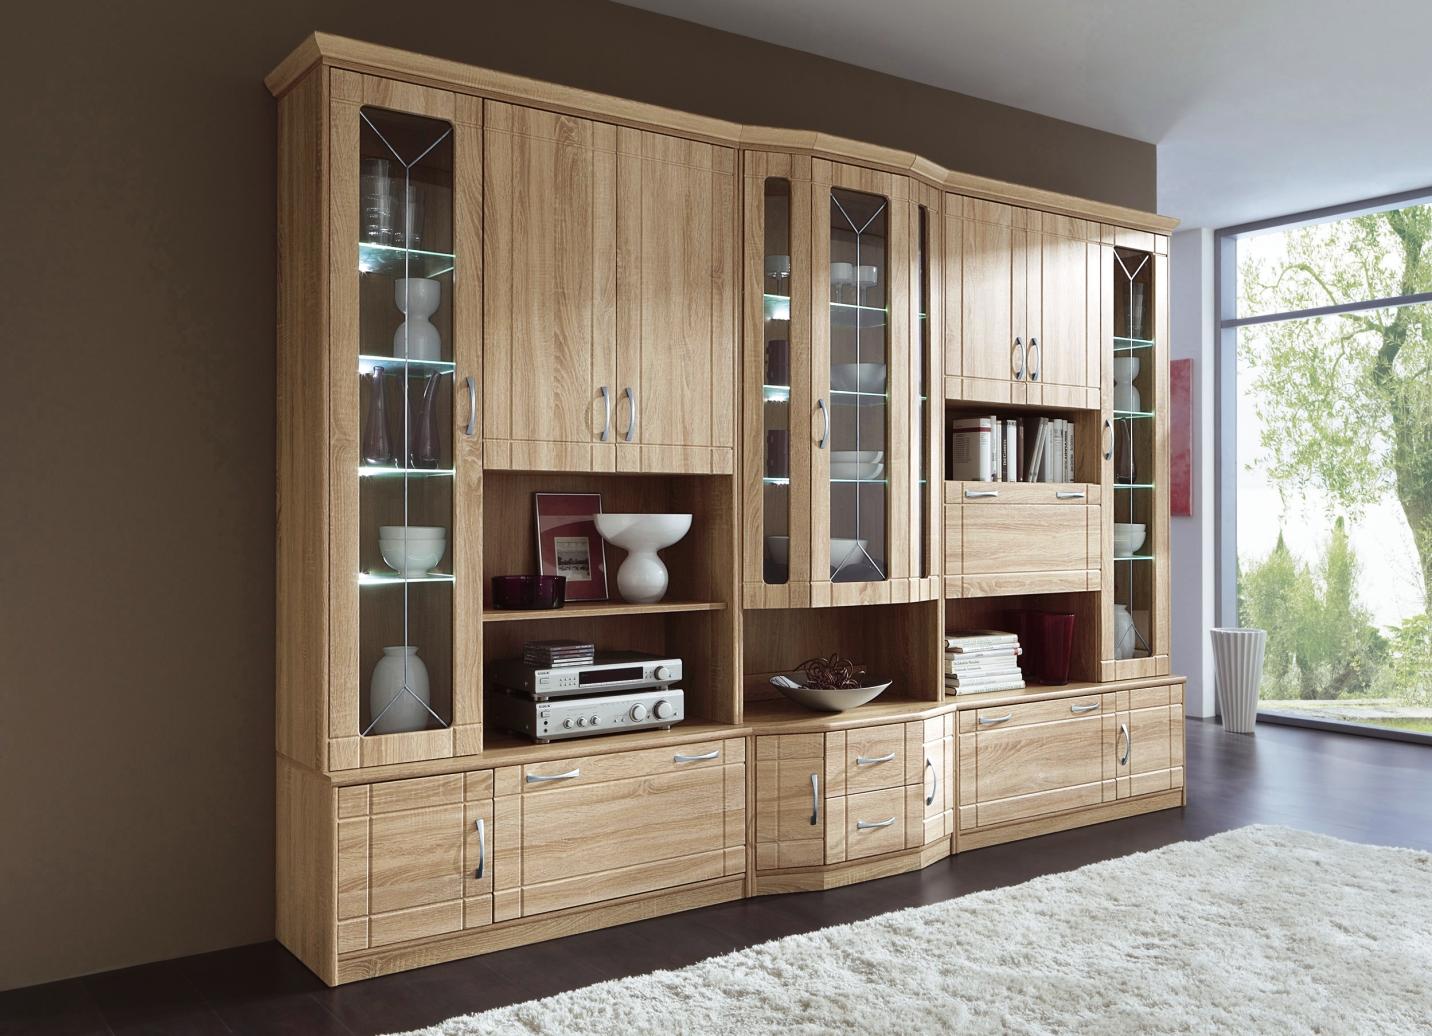 bader m bel wohnzimmer home image ideen. Black Bedroom Furniture Sets. Home Design Ideas